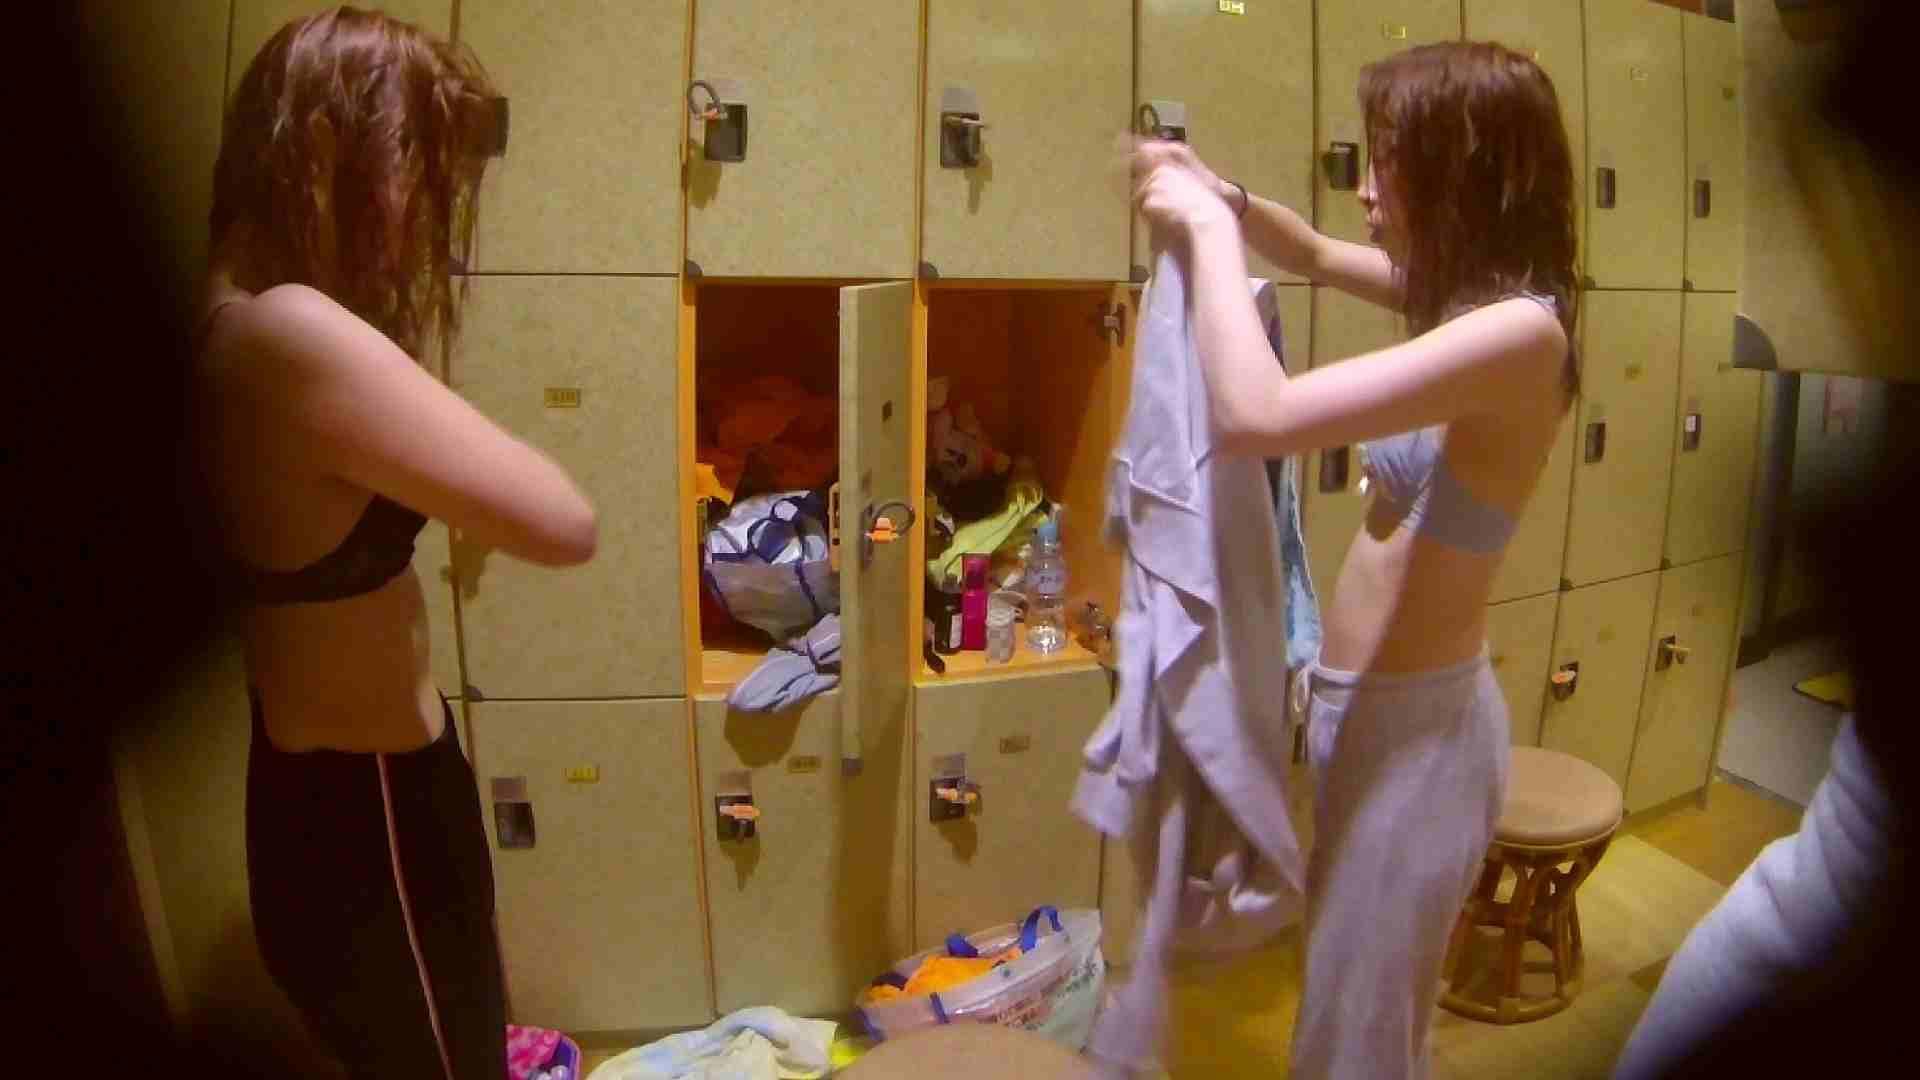 追い撮り!脱衣~洗い場、そして着替え、髪を乾かすまで完全追跡。 追跡 性交動画流出 84枚 76